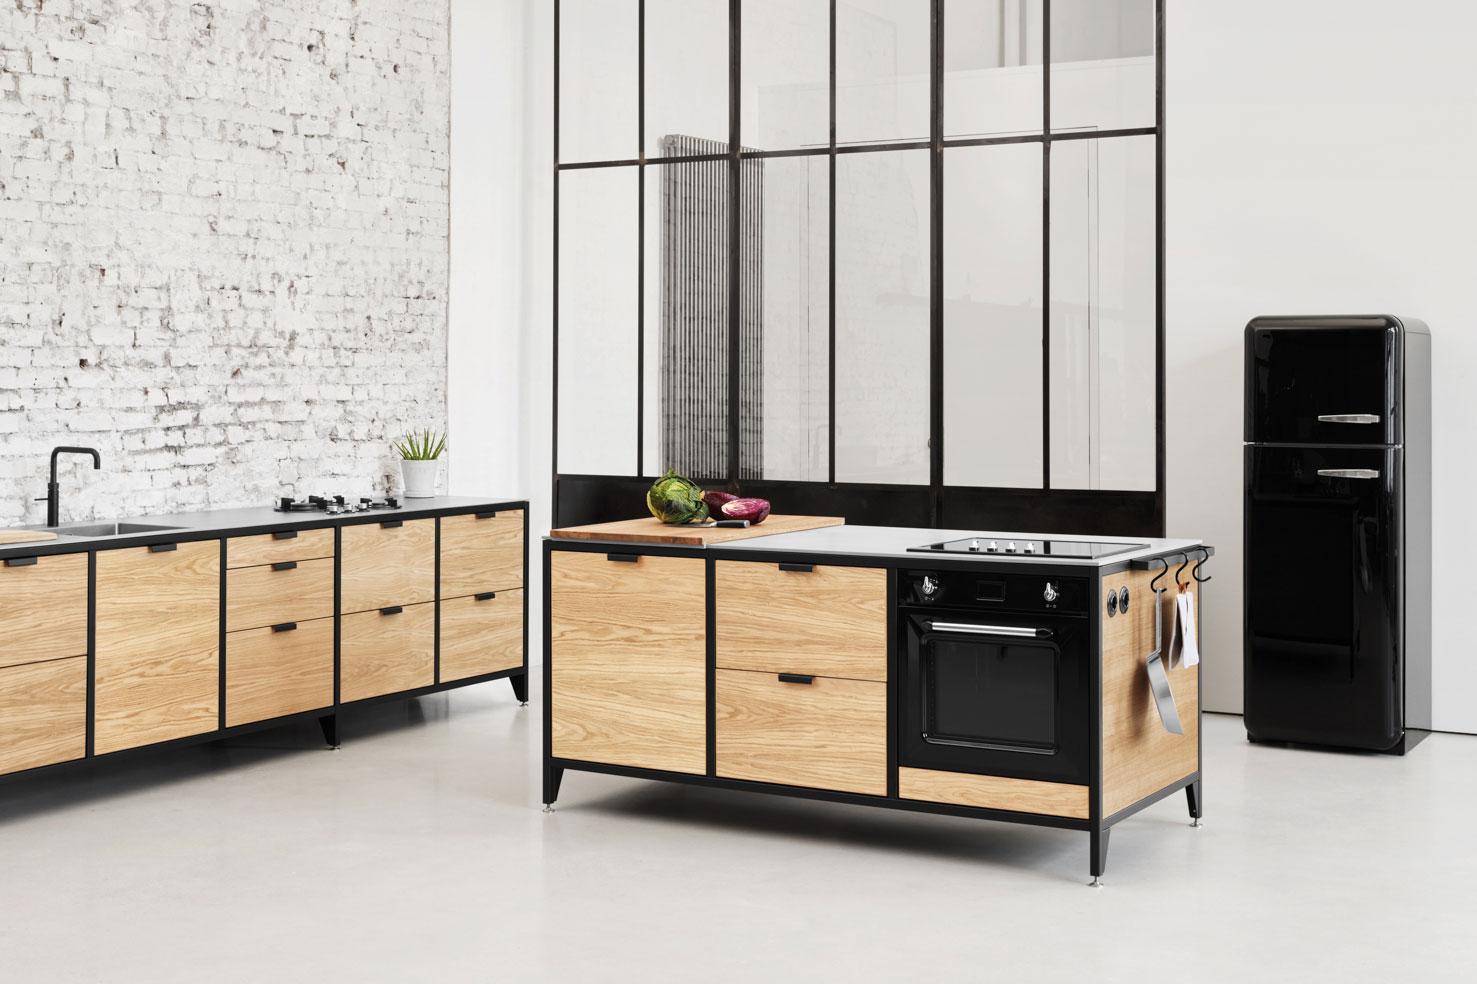 Full Size of Werk Modulkche Im Industrial Style Jan Cray Mbel Und Kchen Wohnzimmer Modulküchen